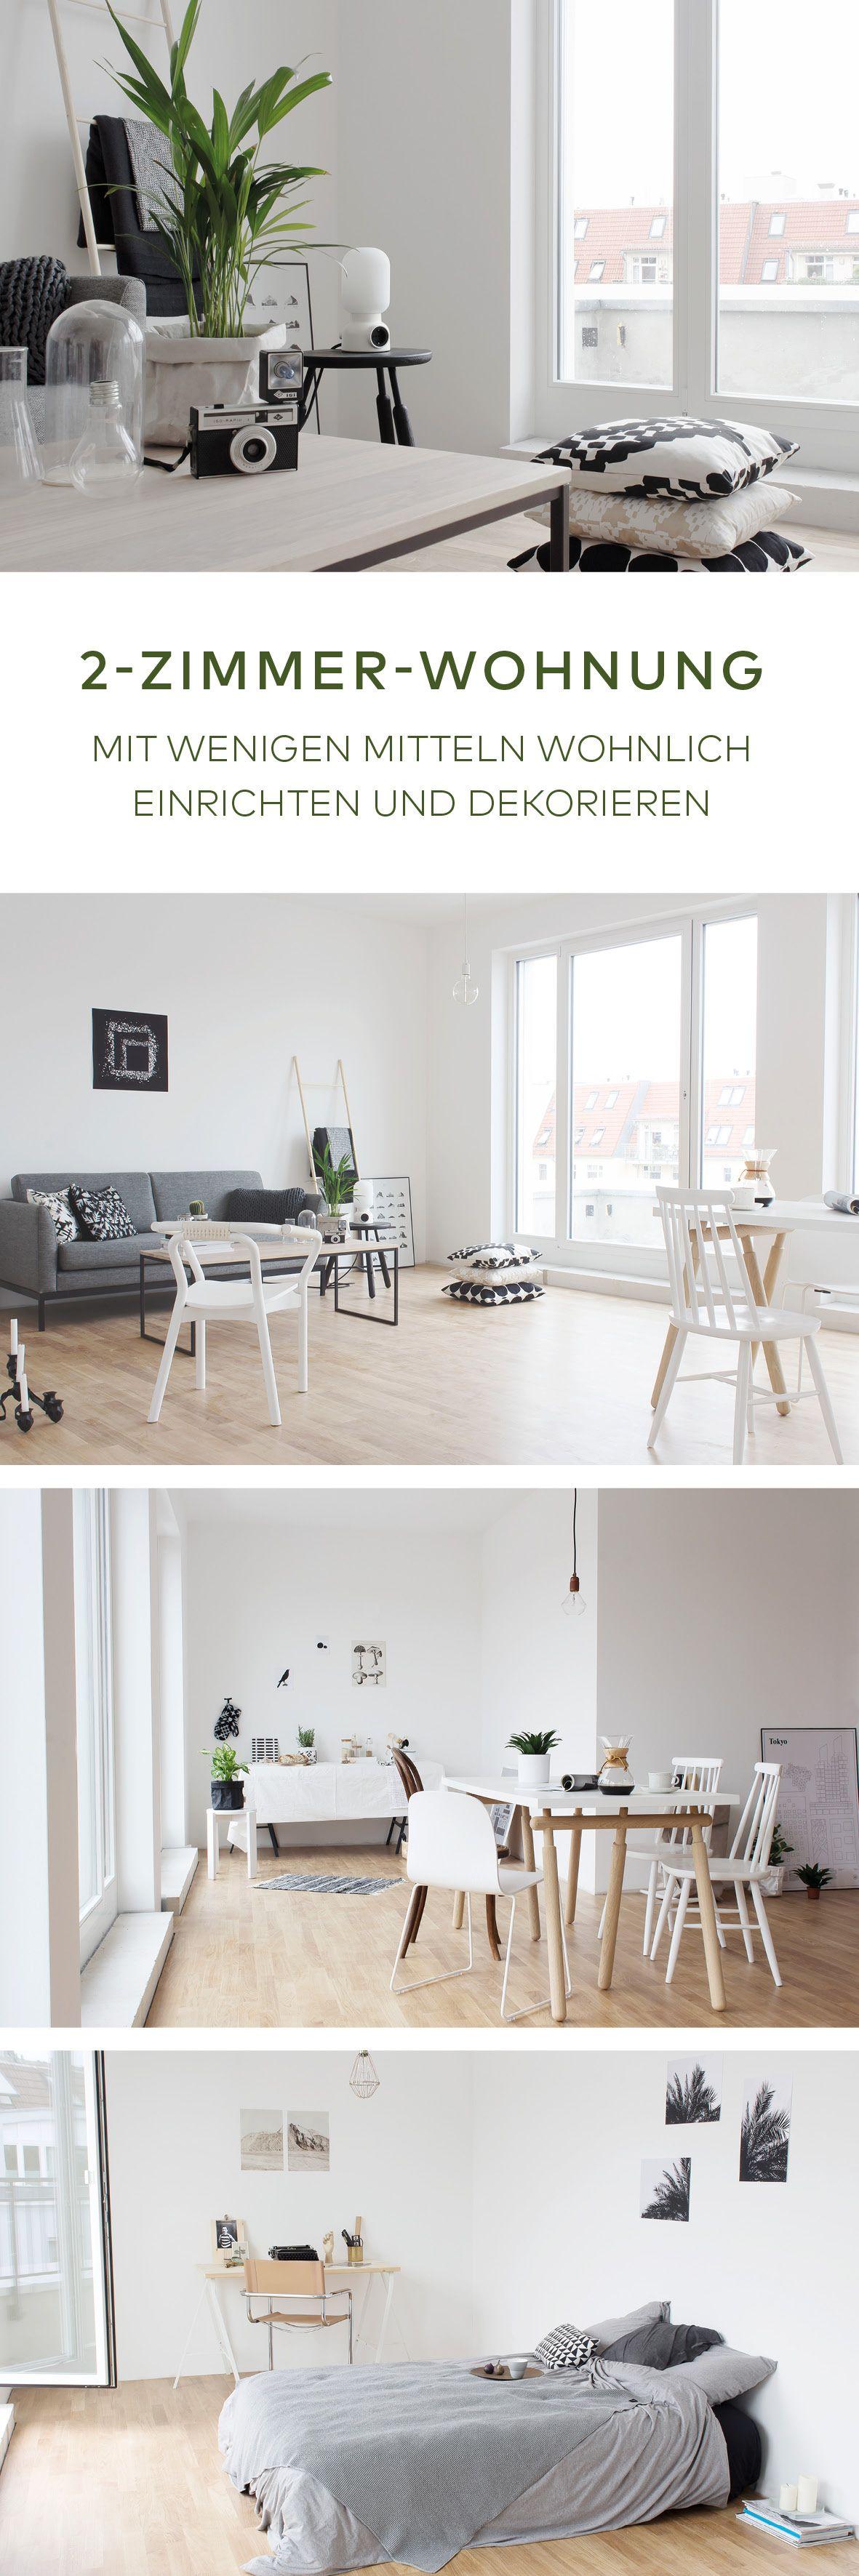 Explore These Ideas And More! Wohnraum Modern Gestalten, Kleine Wohnung  Modern Einrichten, Ideen ...